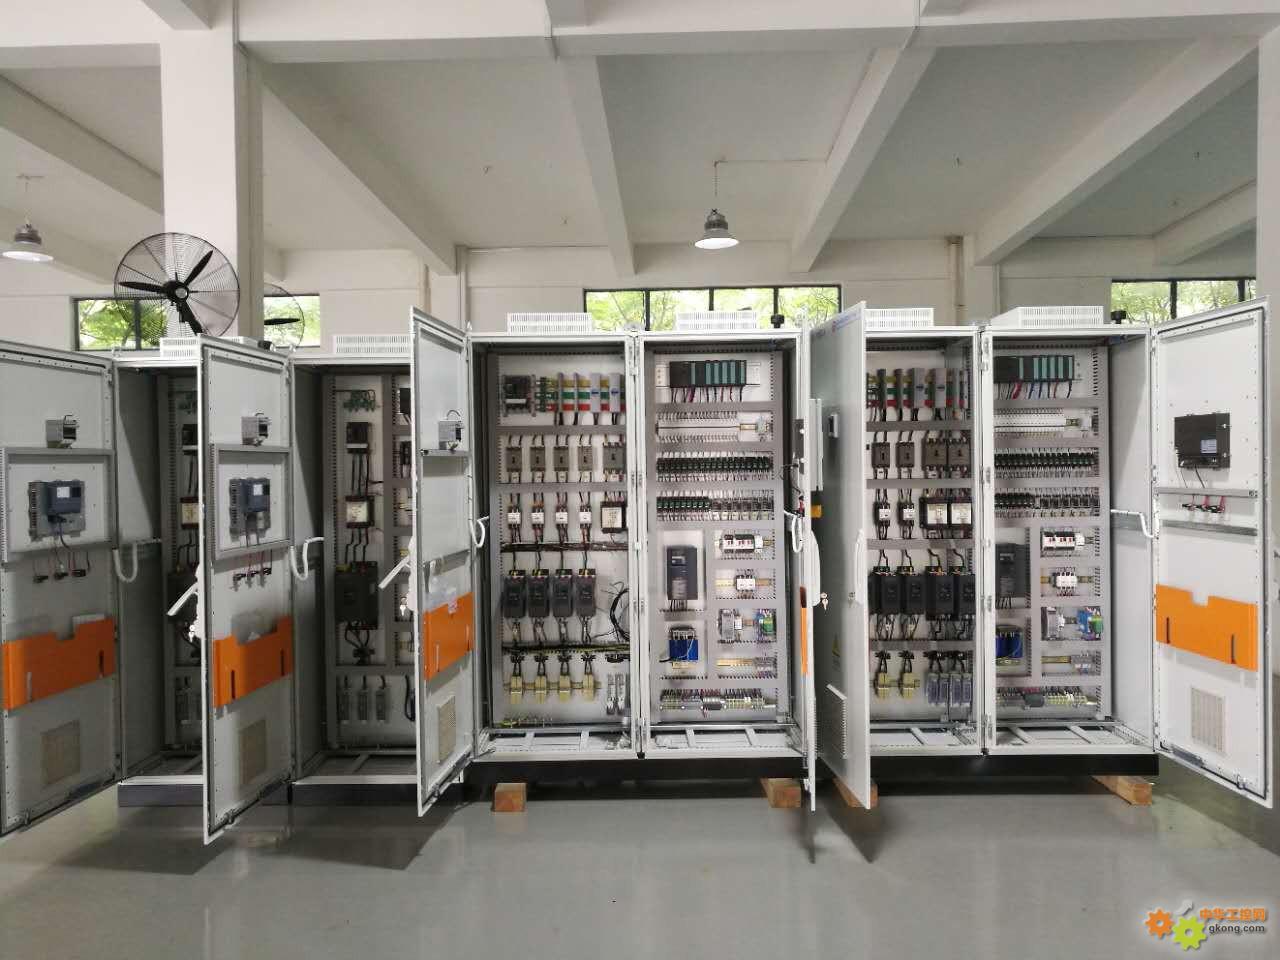 熔铝炉的控制柜